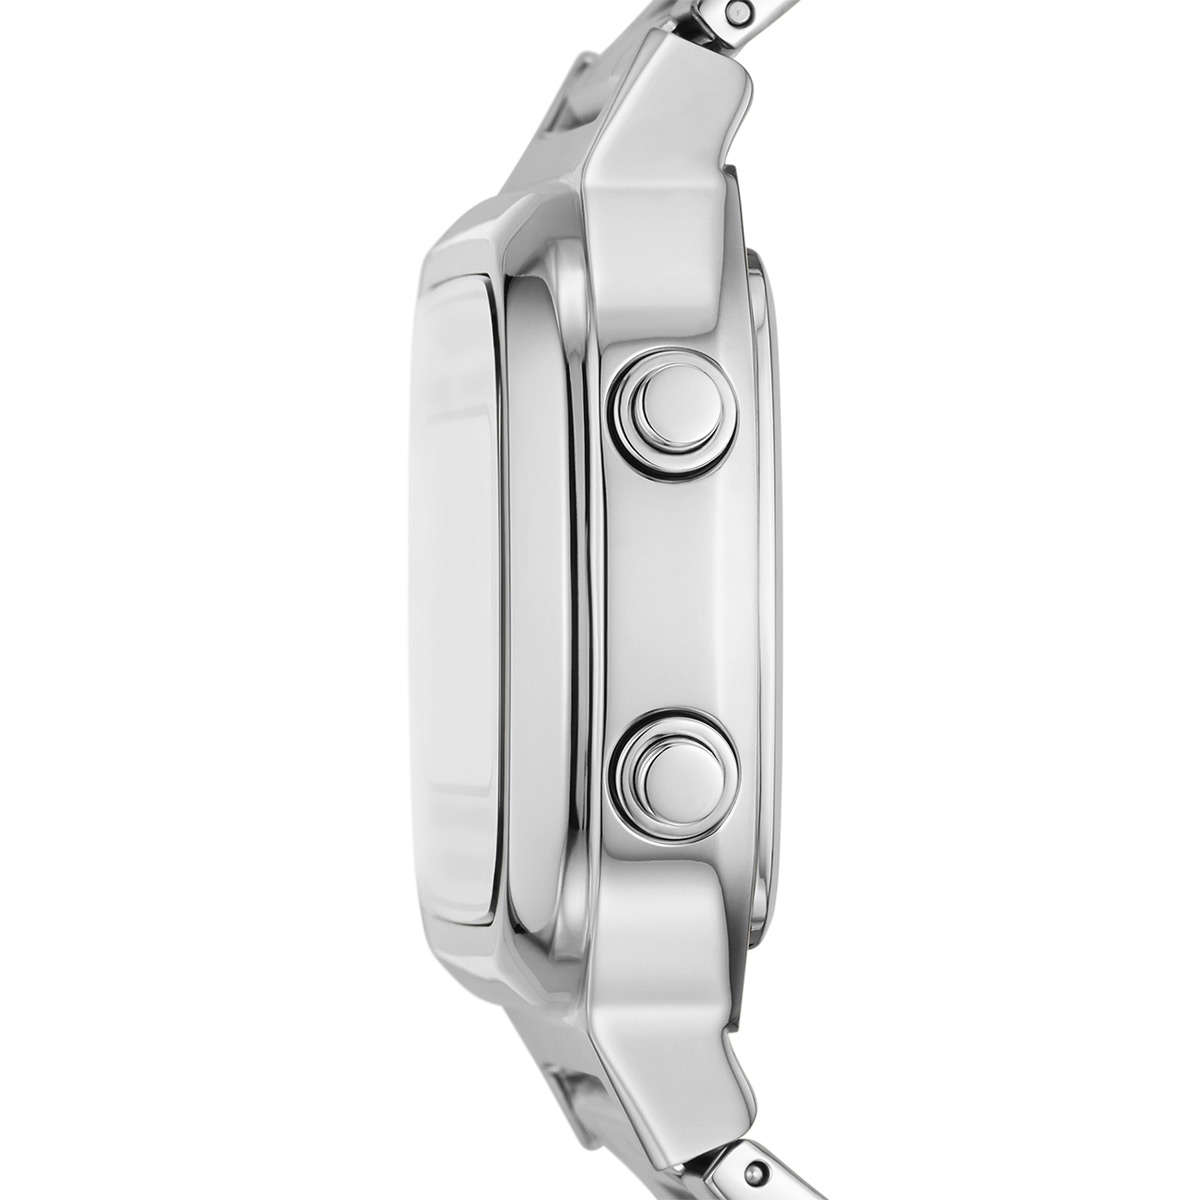 フォッシル FOSSIL 腕時計 メンズ レトロデジタル RETRO DIGITAL FS5844